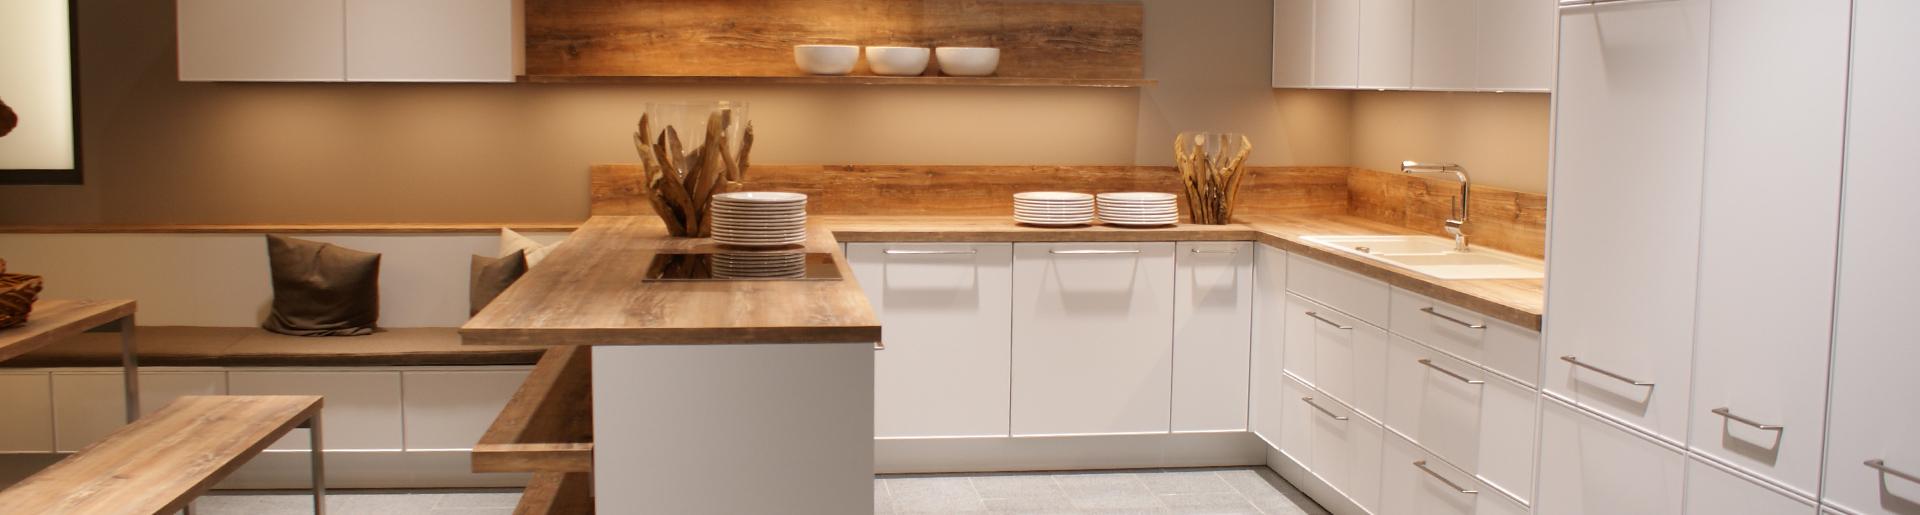 Stilvolle Küchen Für Ihren Kocherfolg